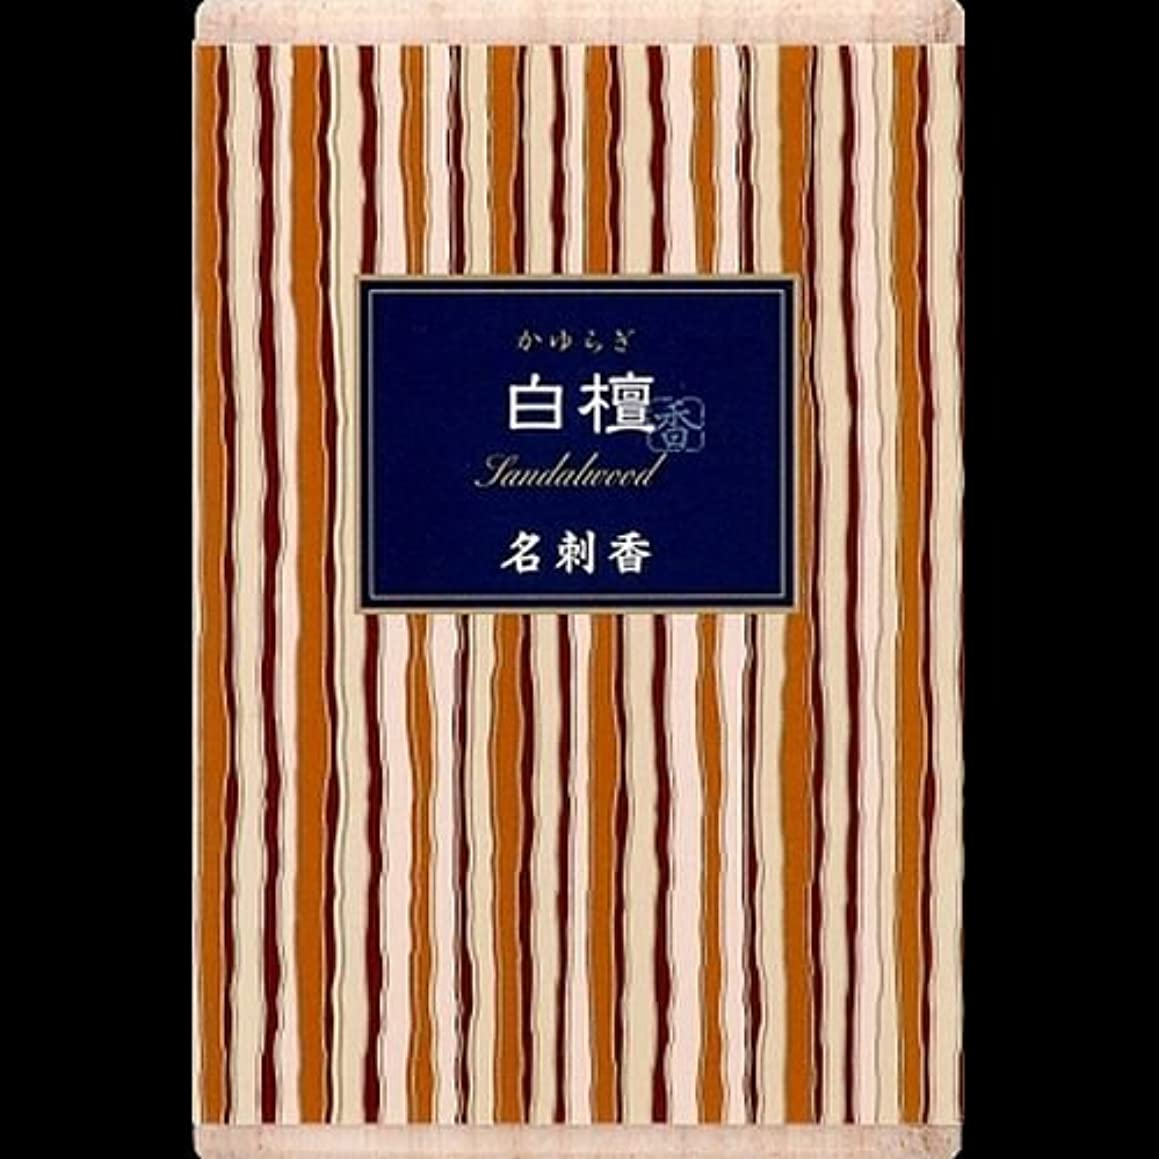 ええ宿命統計的【まとめ買い】かゆらぎ 白檀 名刺香 桐箱 6入 ×2セット